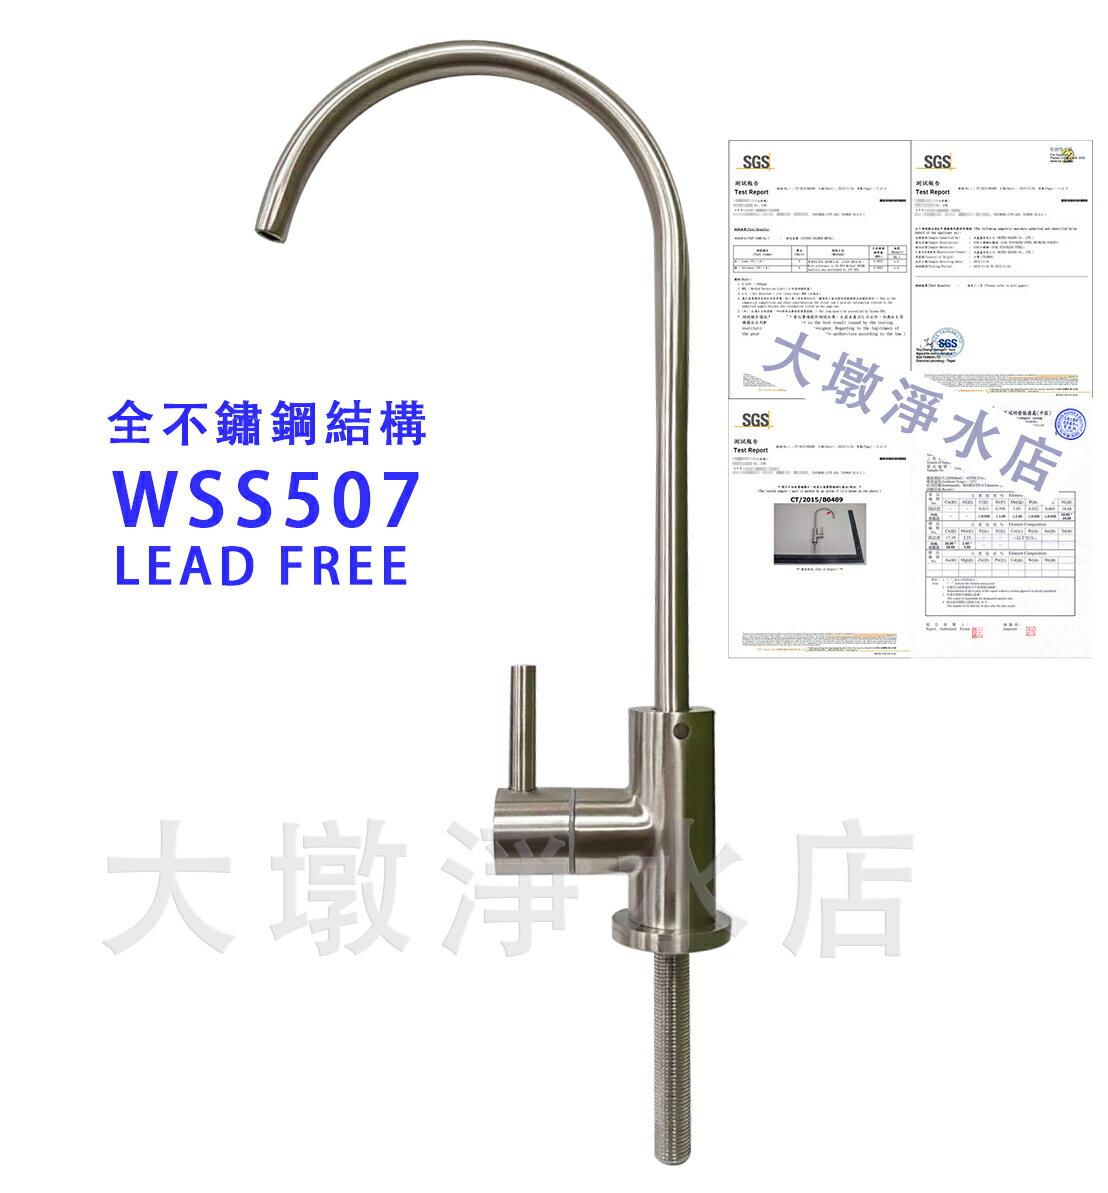 MIT台灣製* SGS認證 WSS507全不鏽鋼鵝頸龍頭 淨水器龍頭 濾水器龍頭 RO水龍頭 無鉛水龍頭只賣1200元。